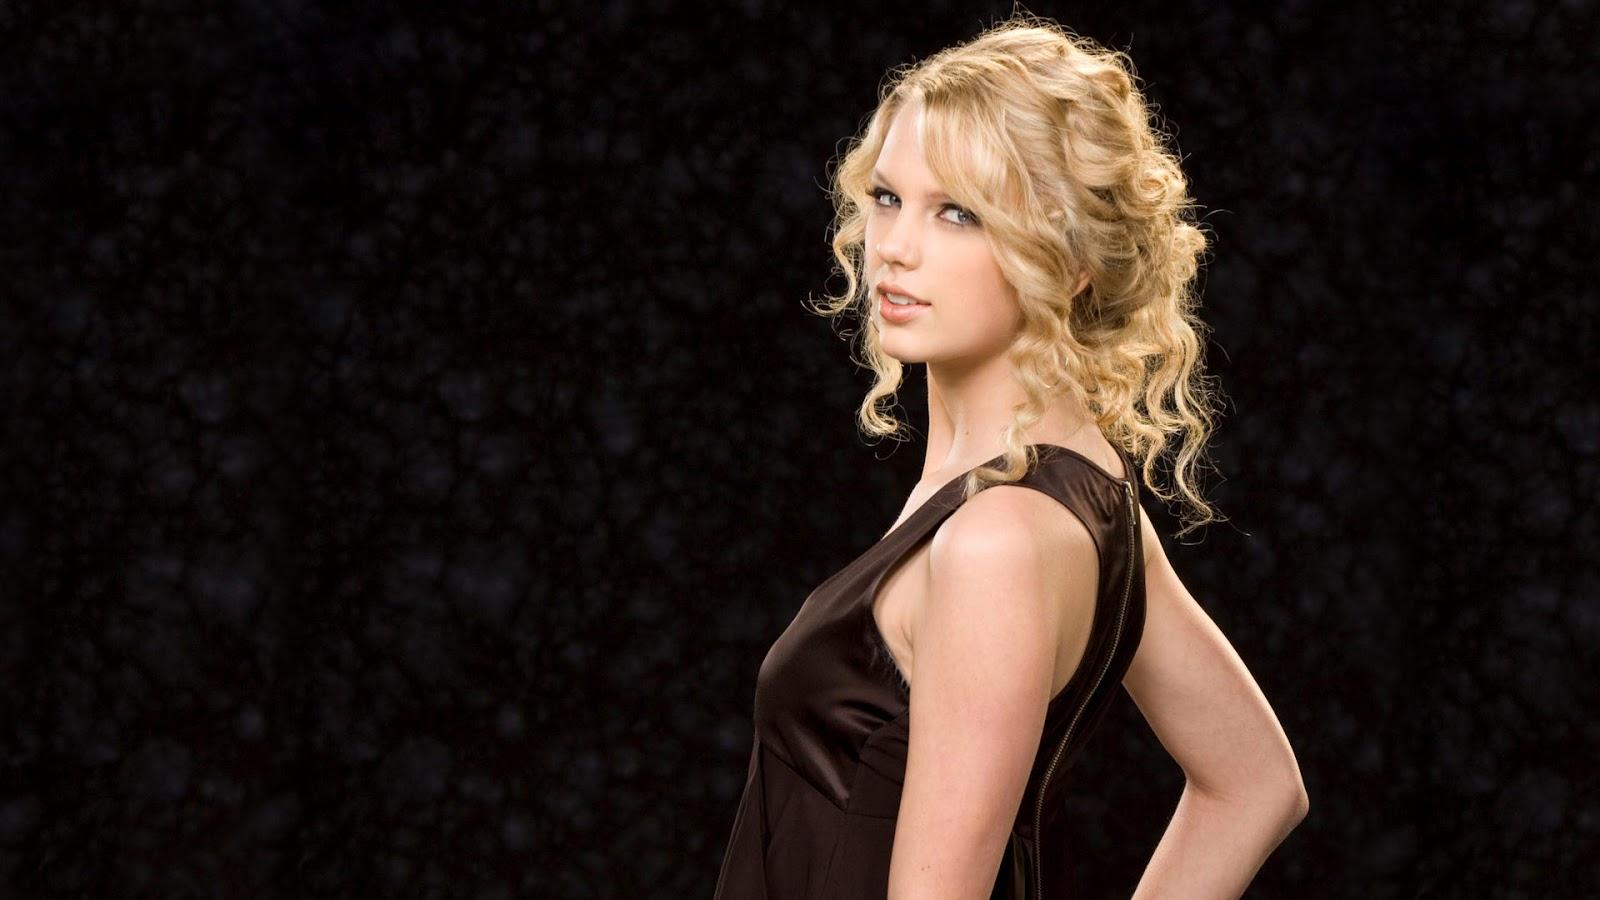 Taylor Swift Wallpaper in Black top